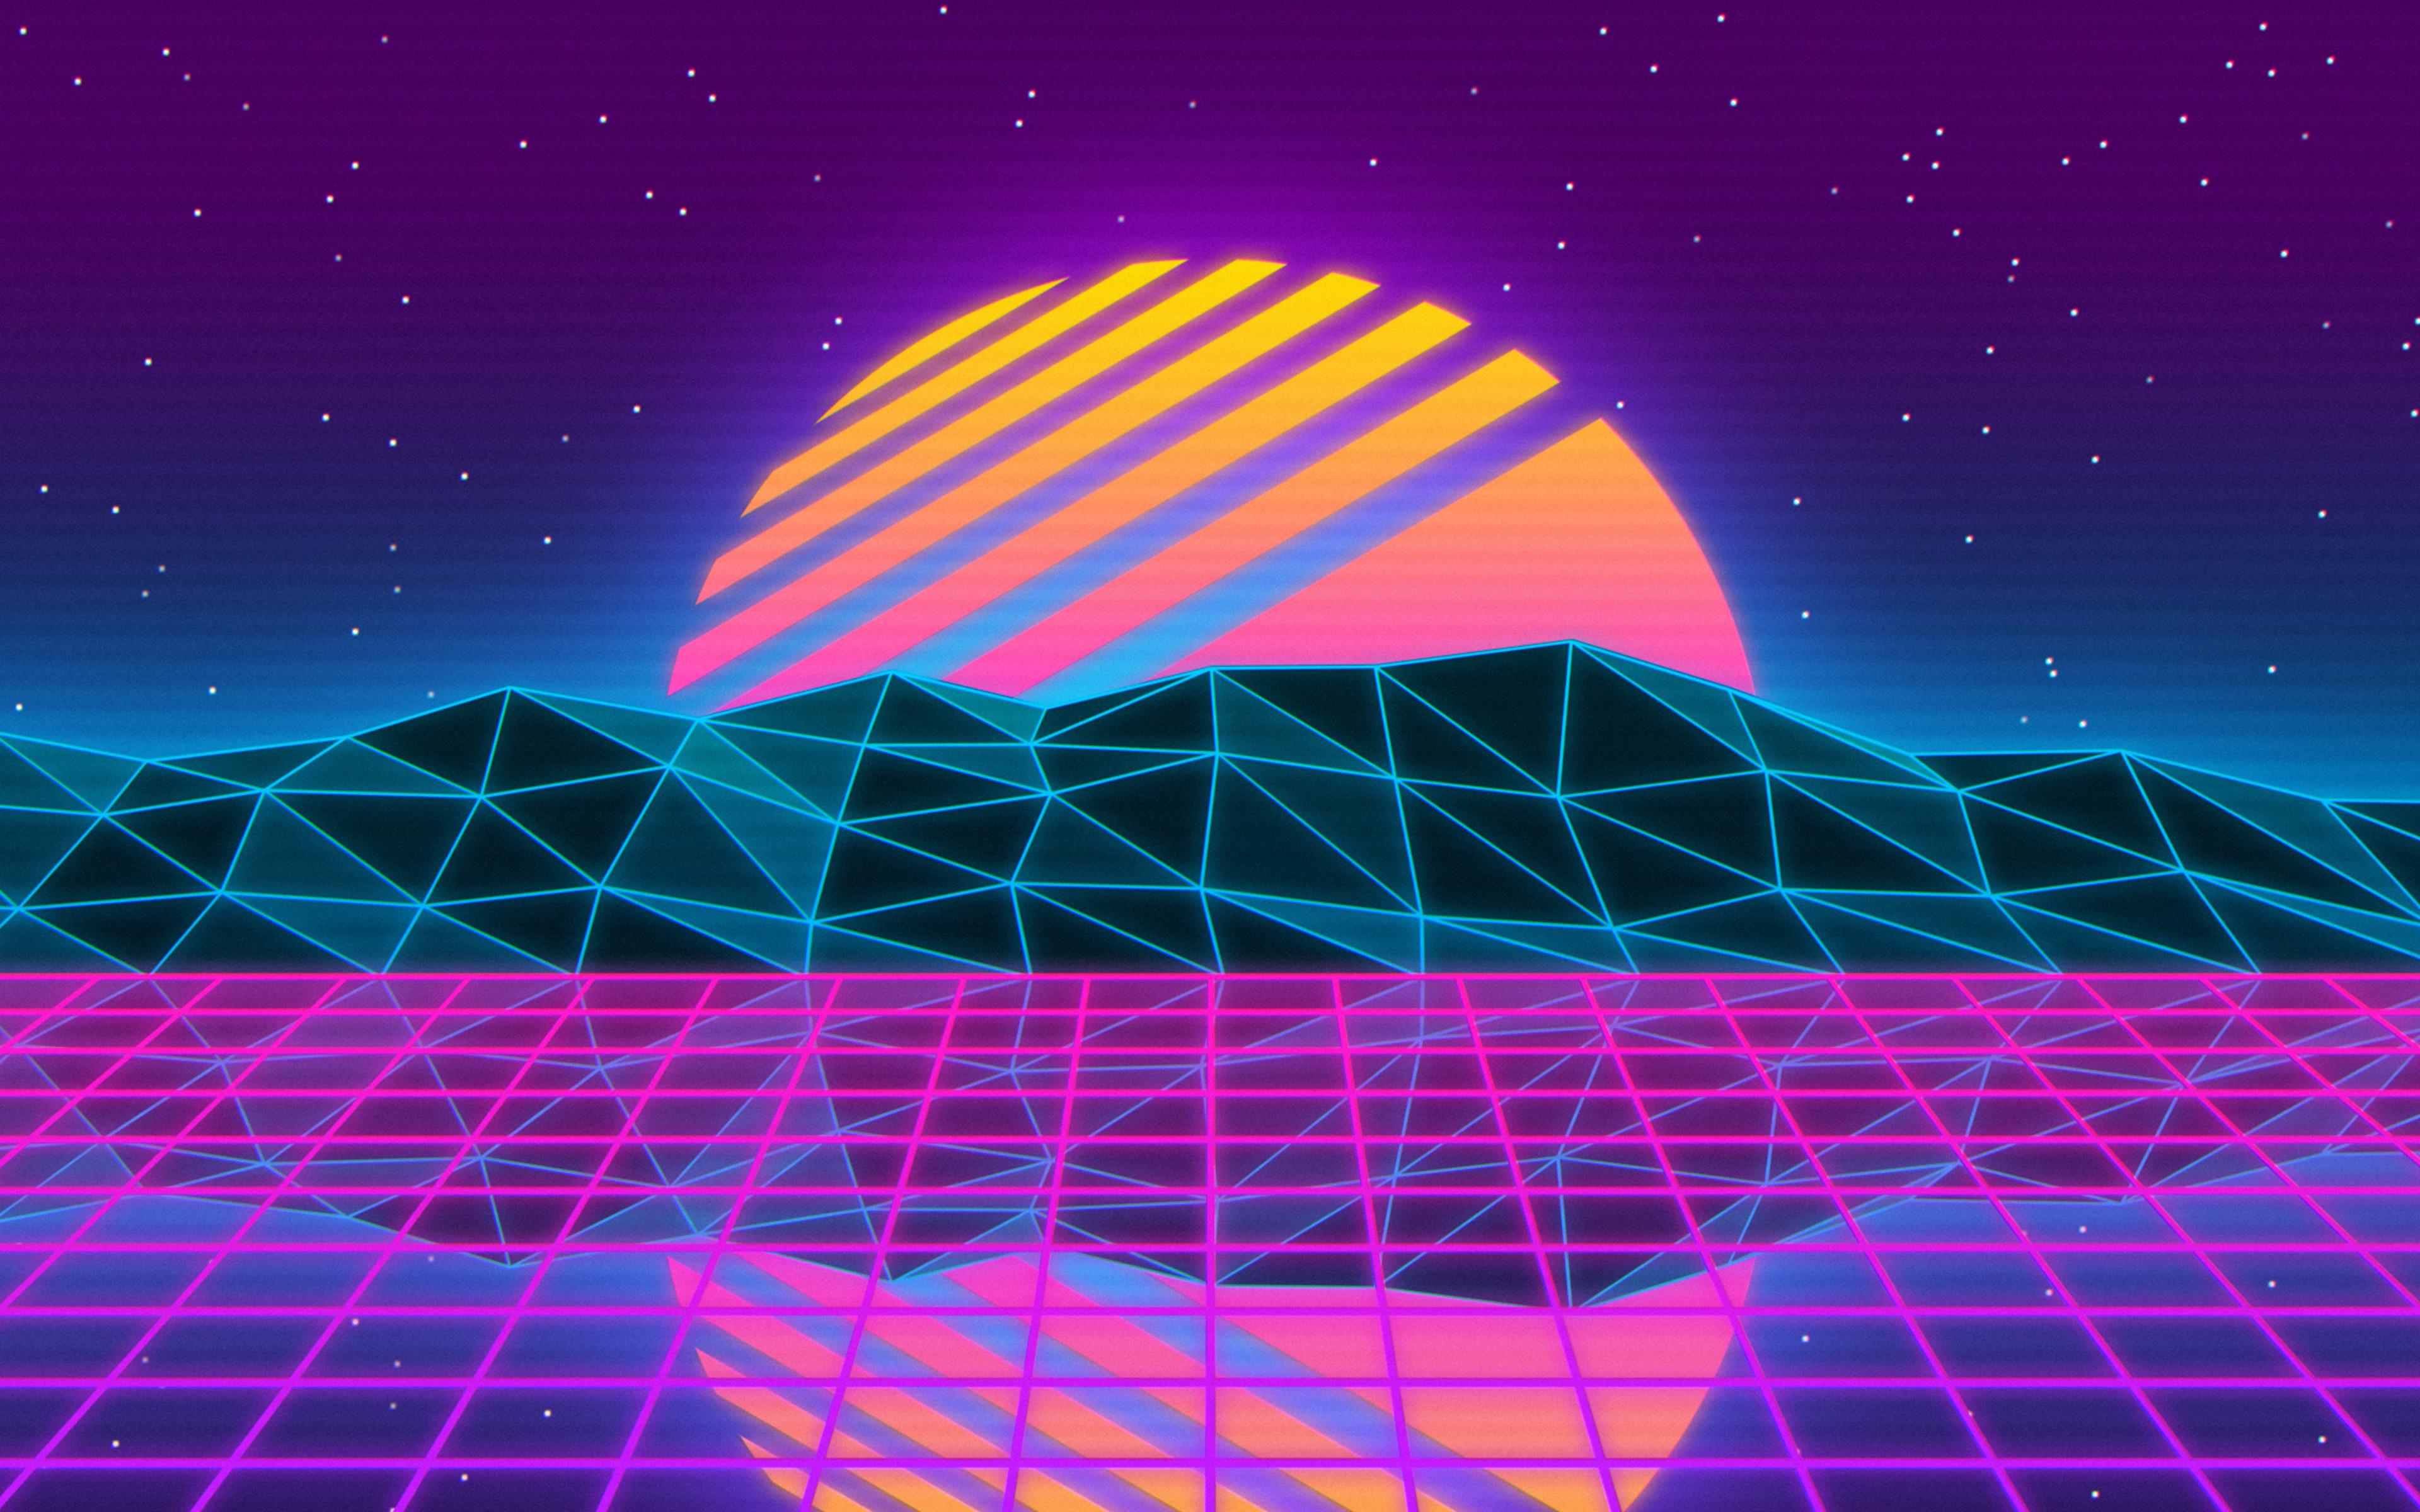 vaporwave-zl.jpg